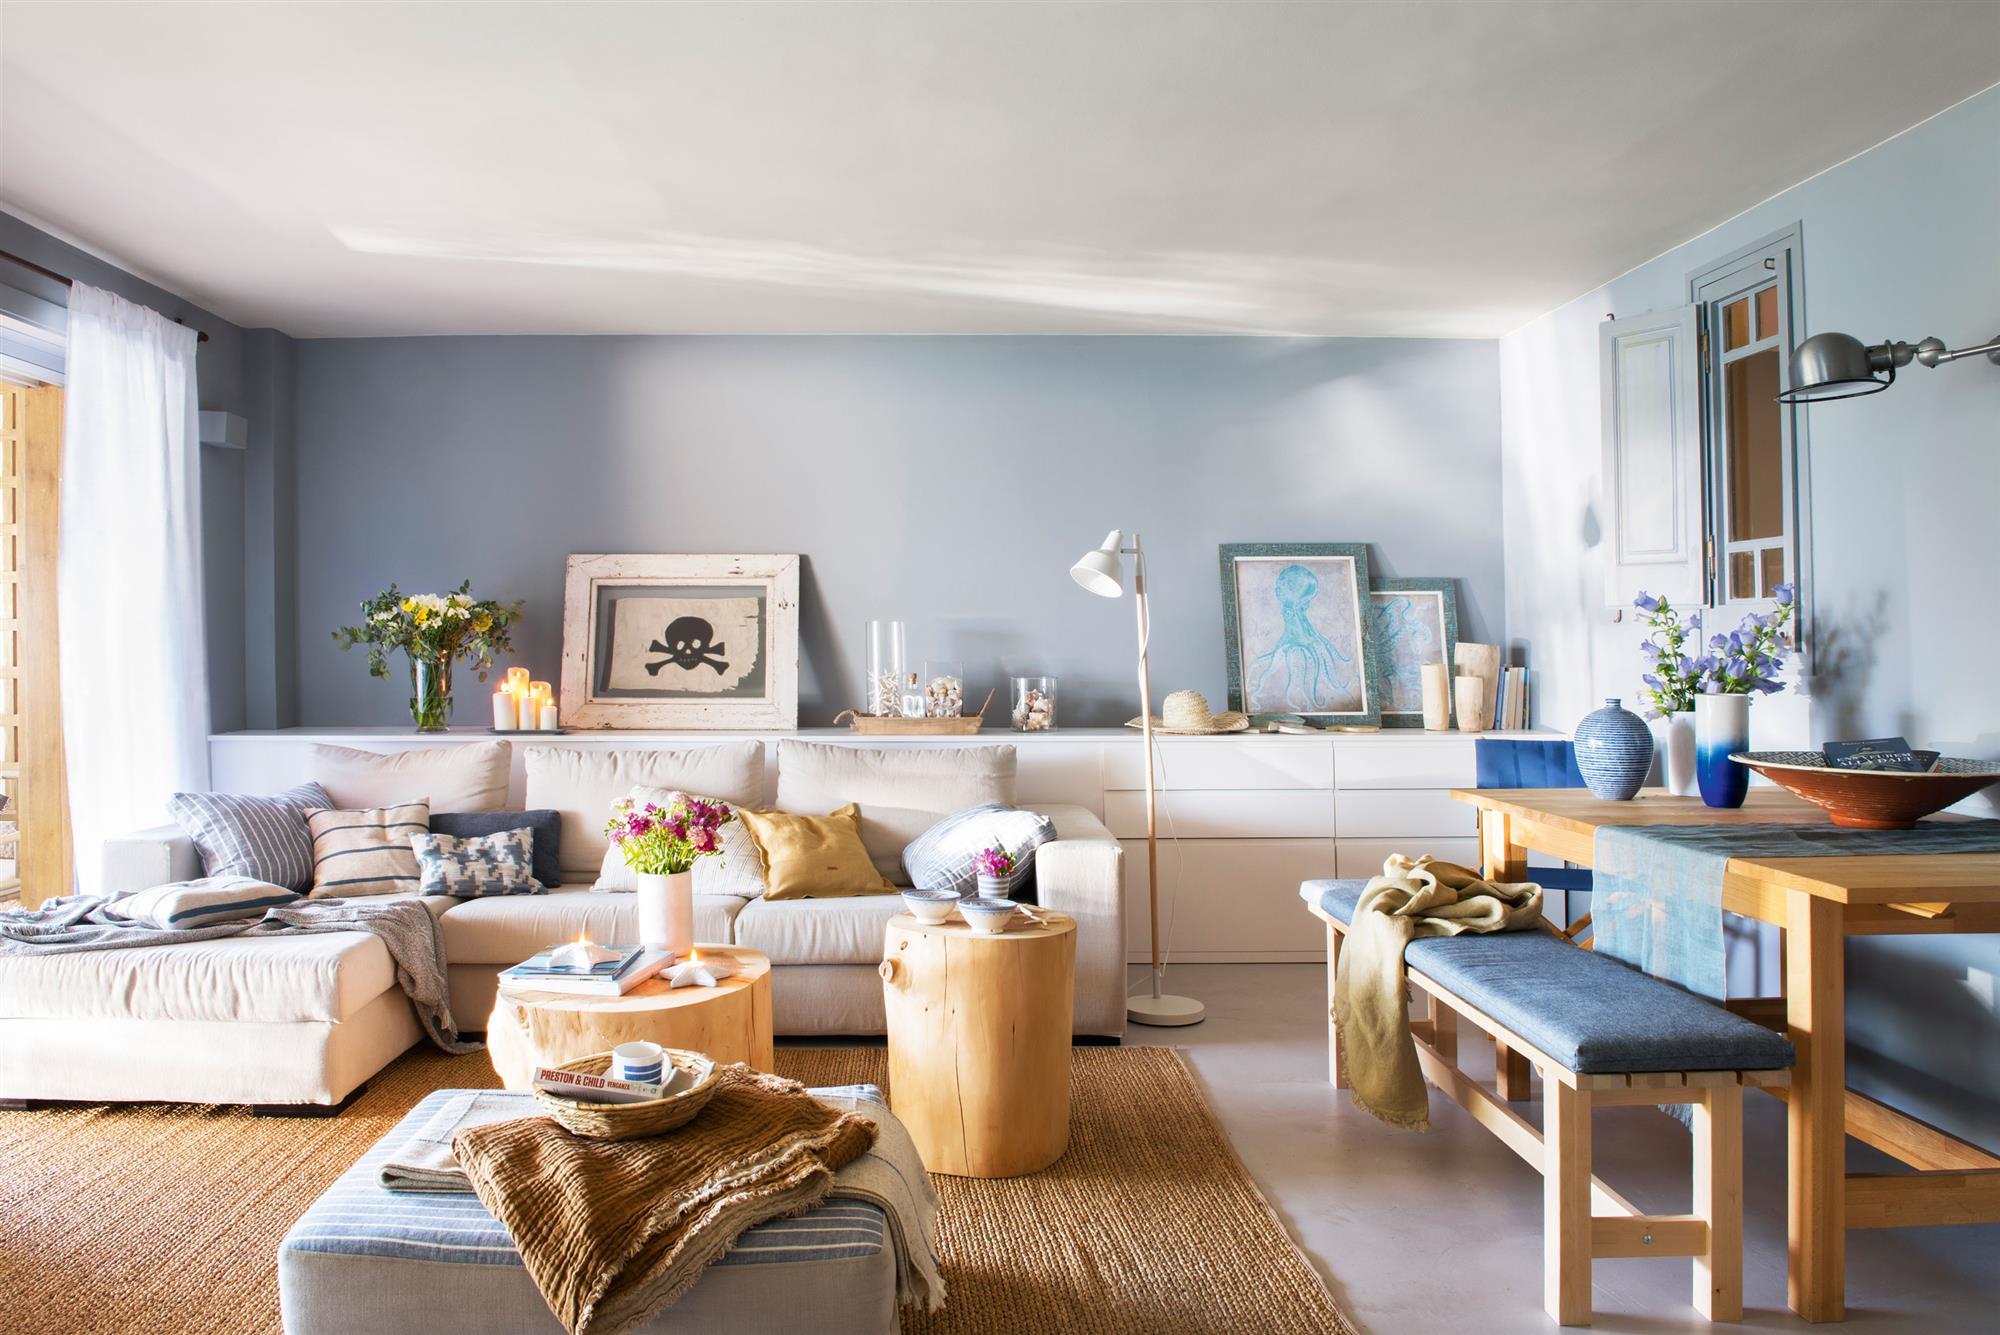 salon en tonos azules f4e65a28 1 - Tips para tener un salón ordenado